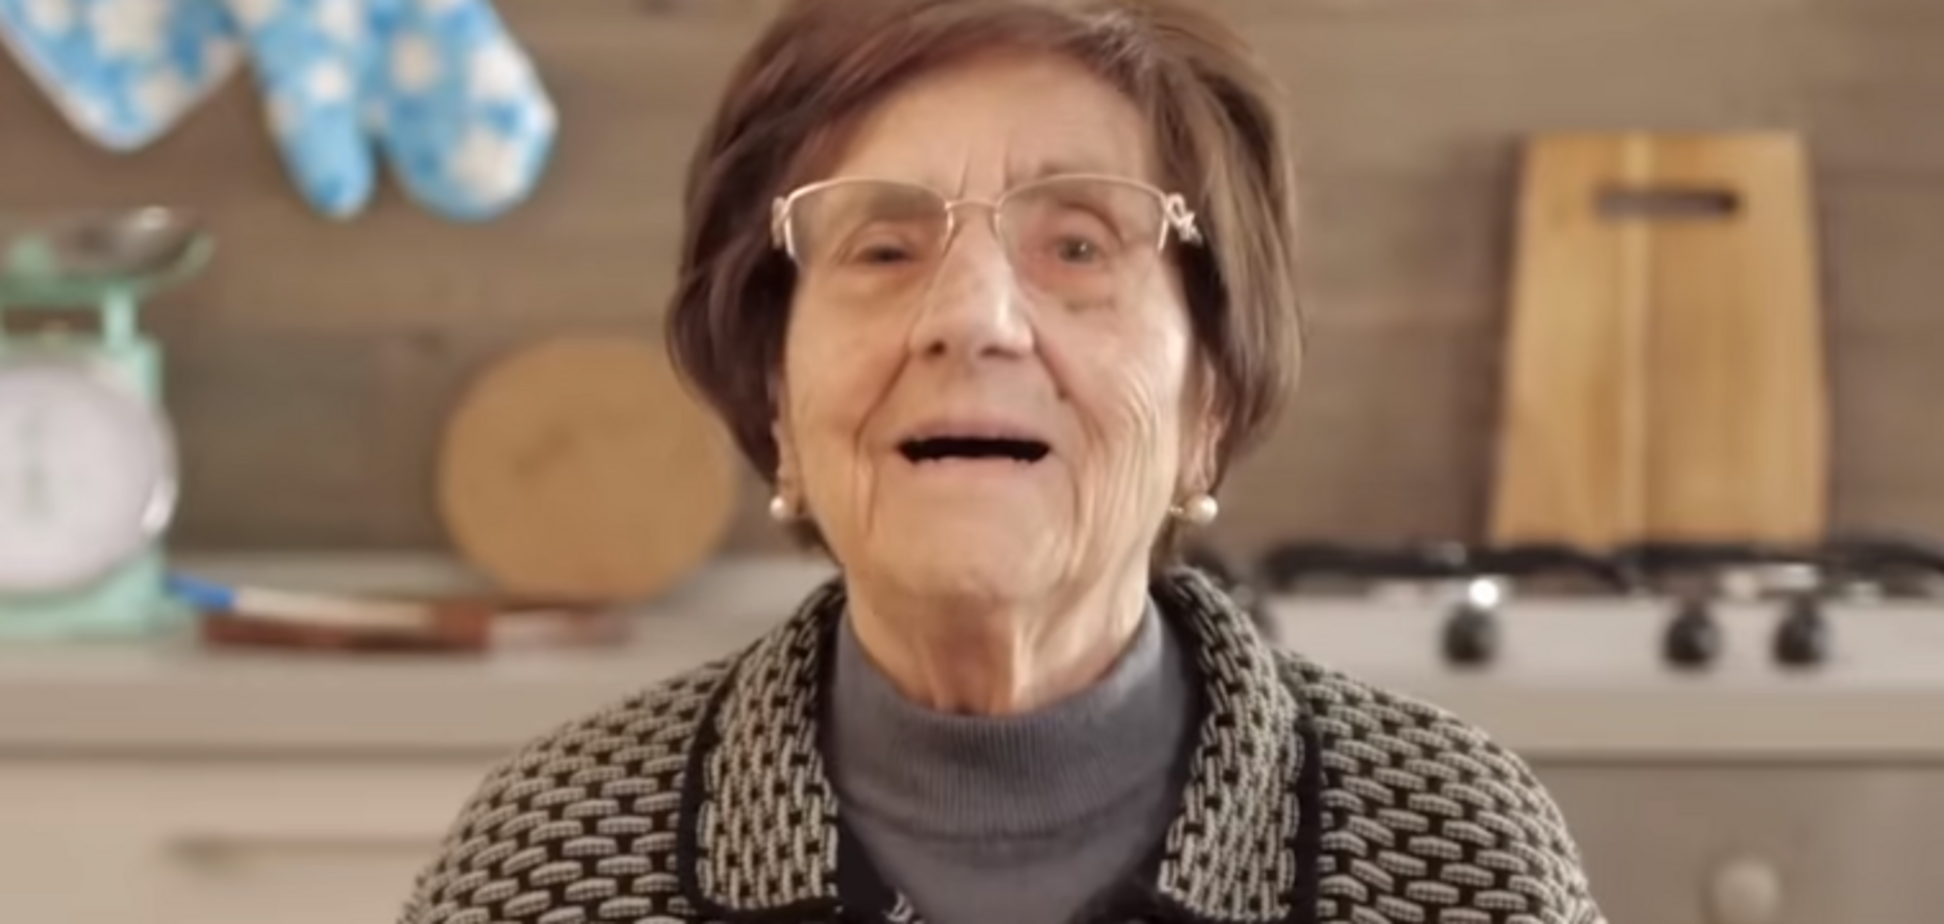 Итальянская бабушка порвала сеть видео с советами против коронавируса